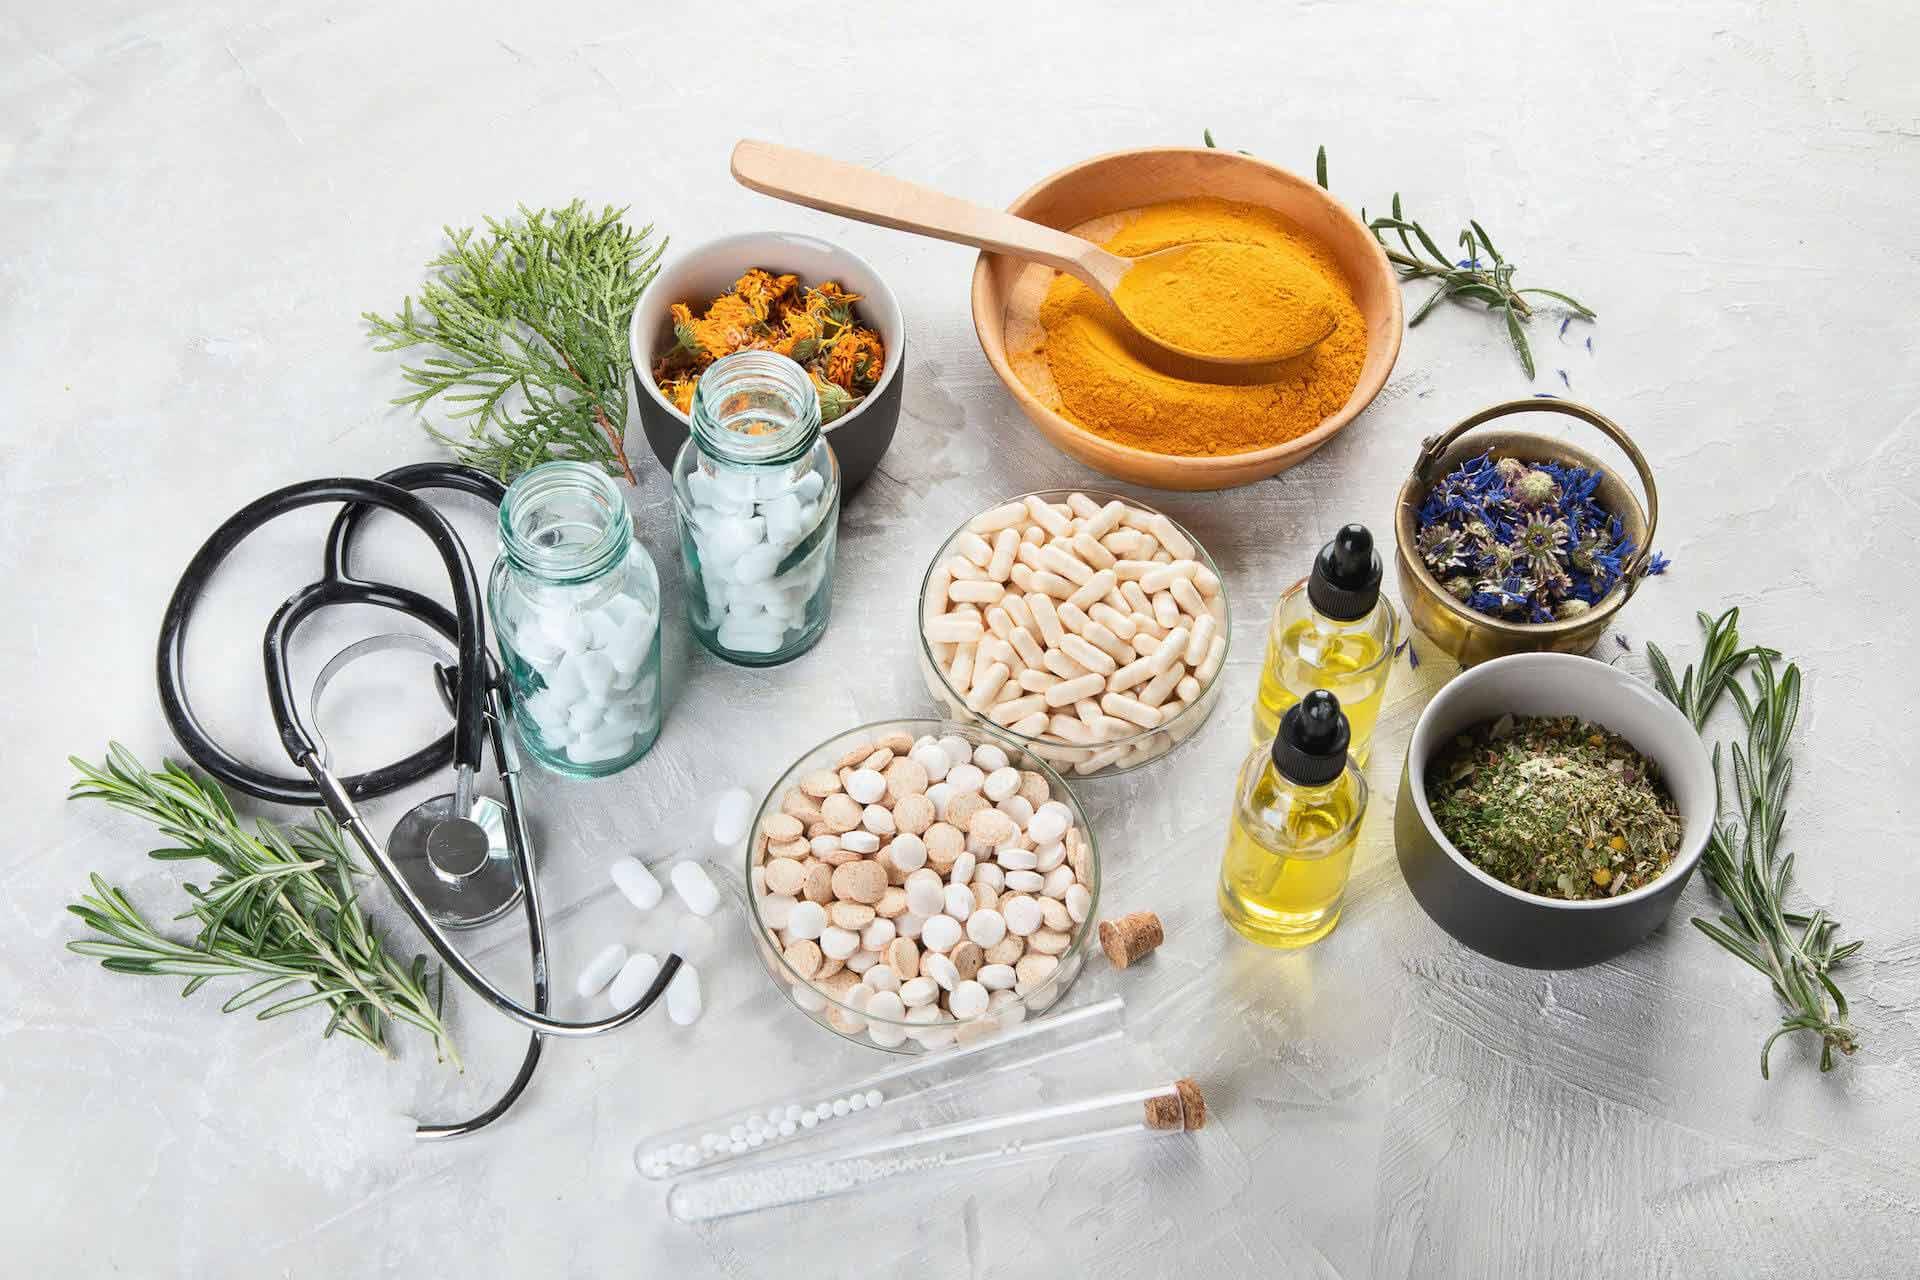 Fitosalus centar - fitoterapija - prirodno liječenje - mikronutricija - dodaci prehrani